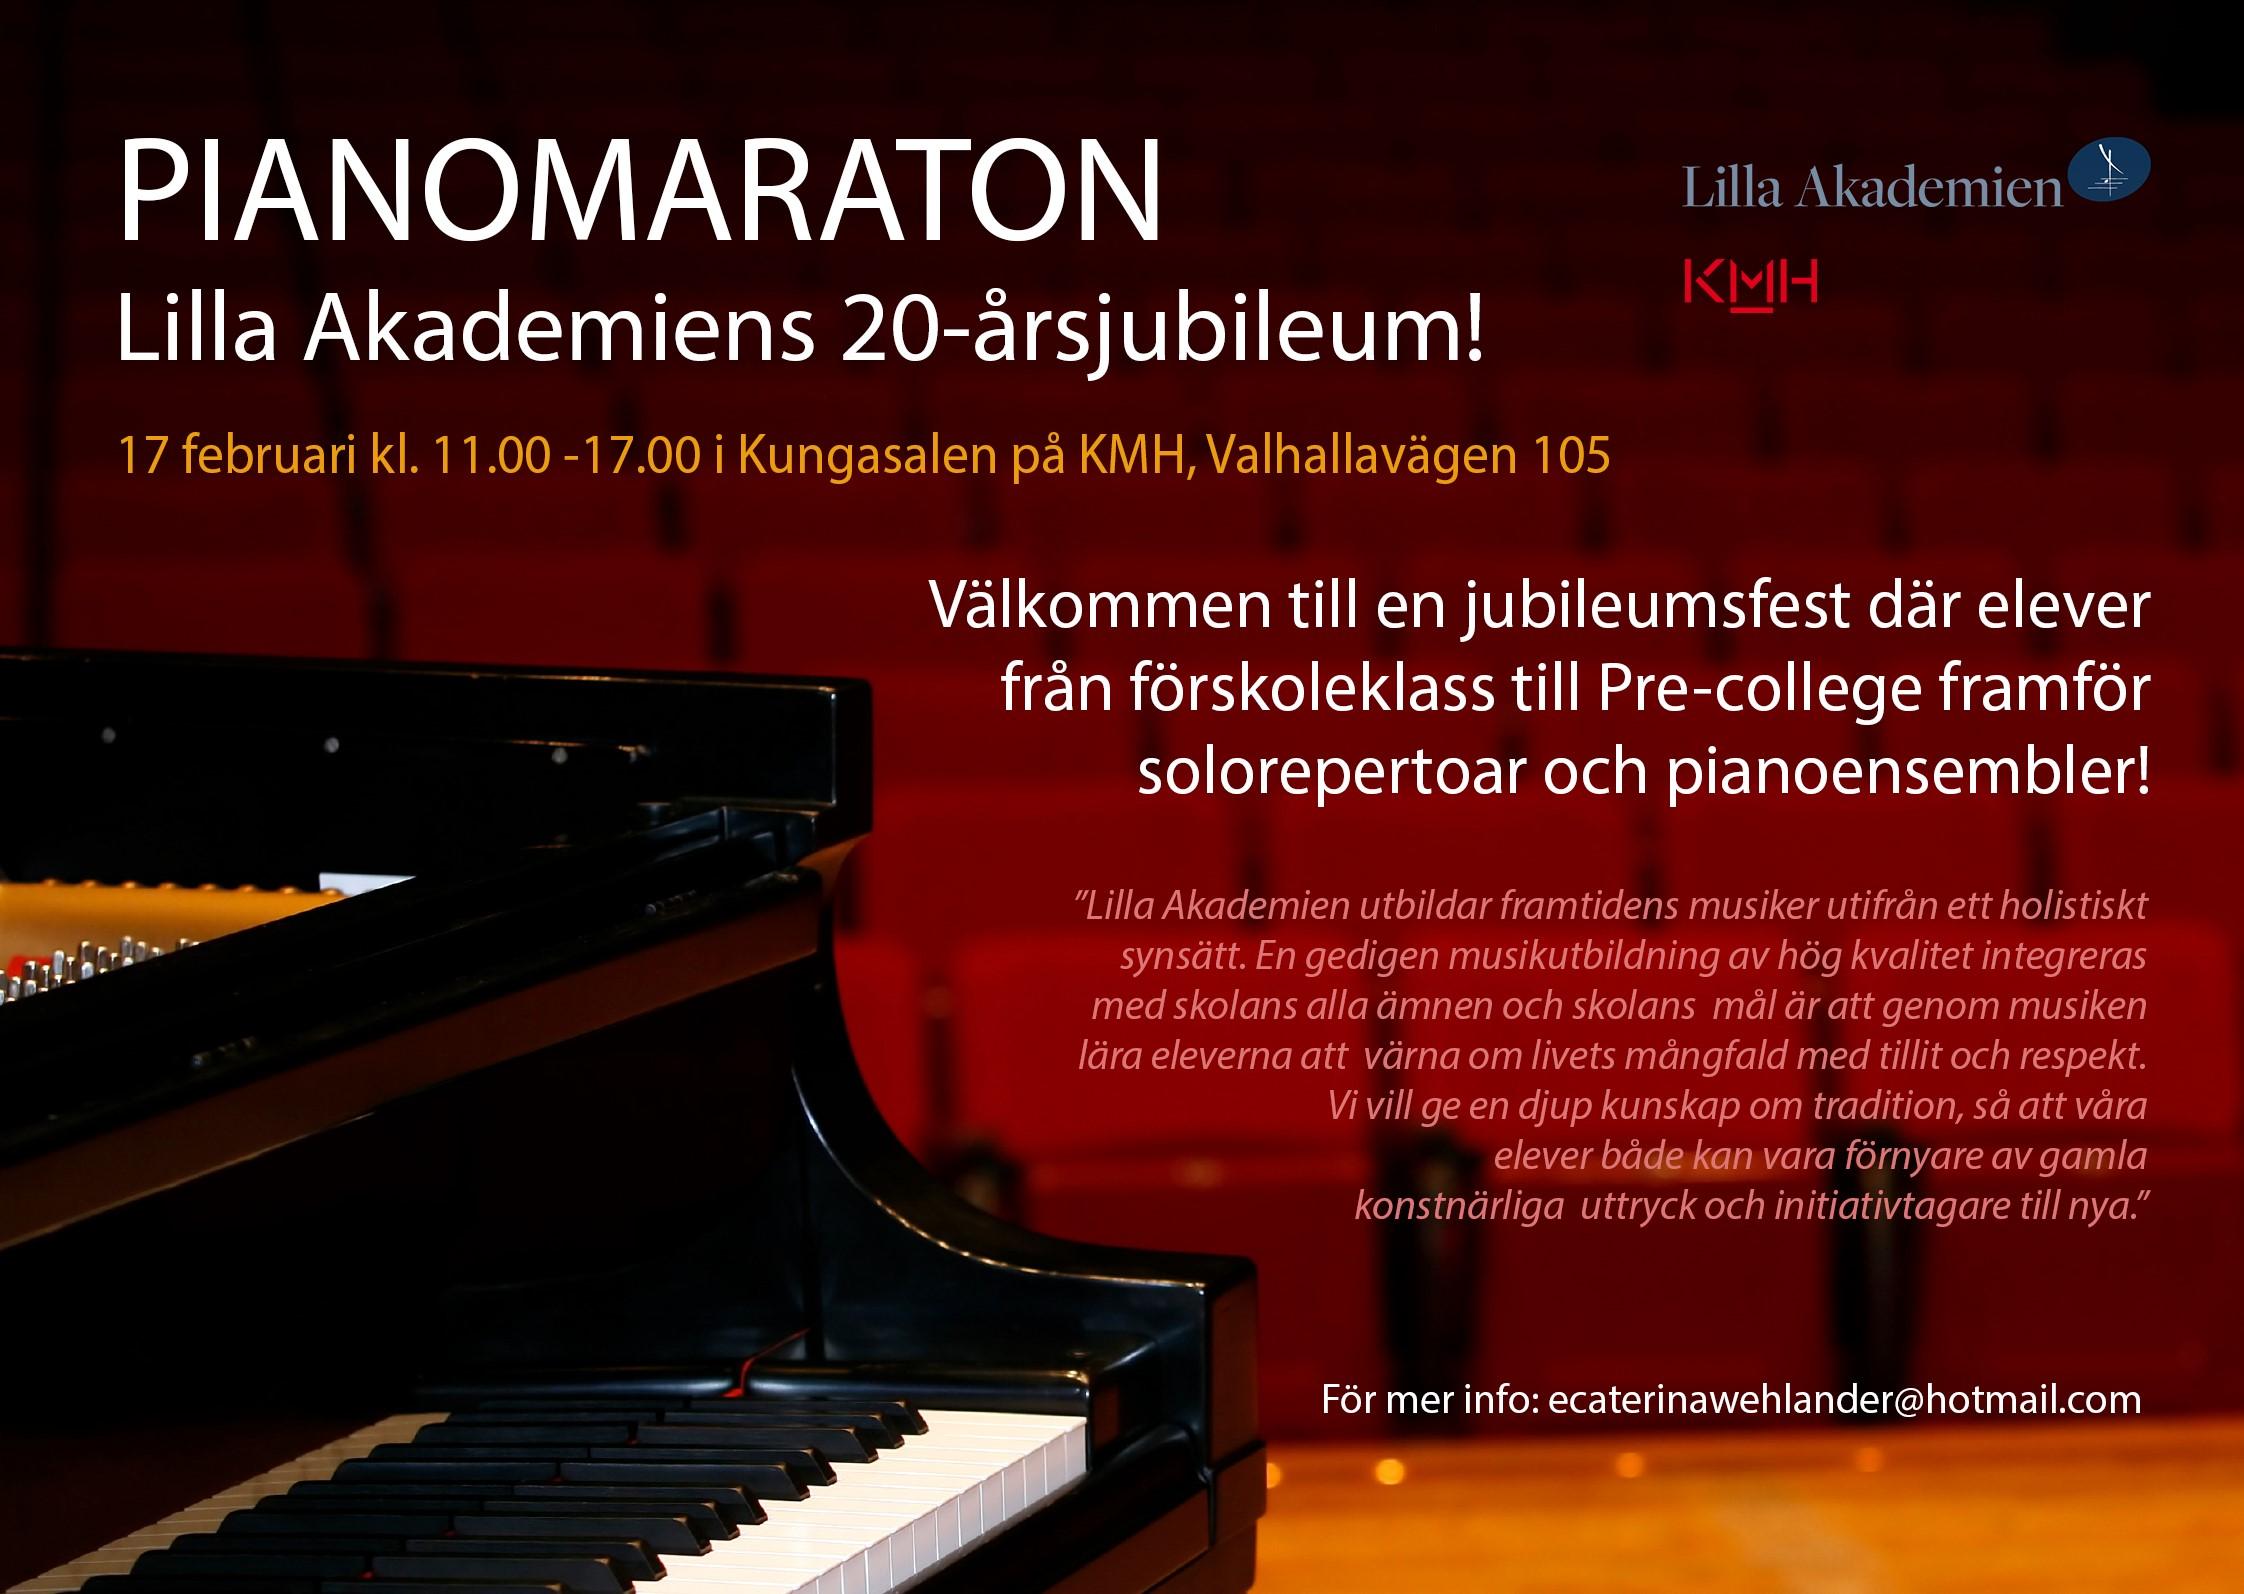 Pianomaraton .jpg